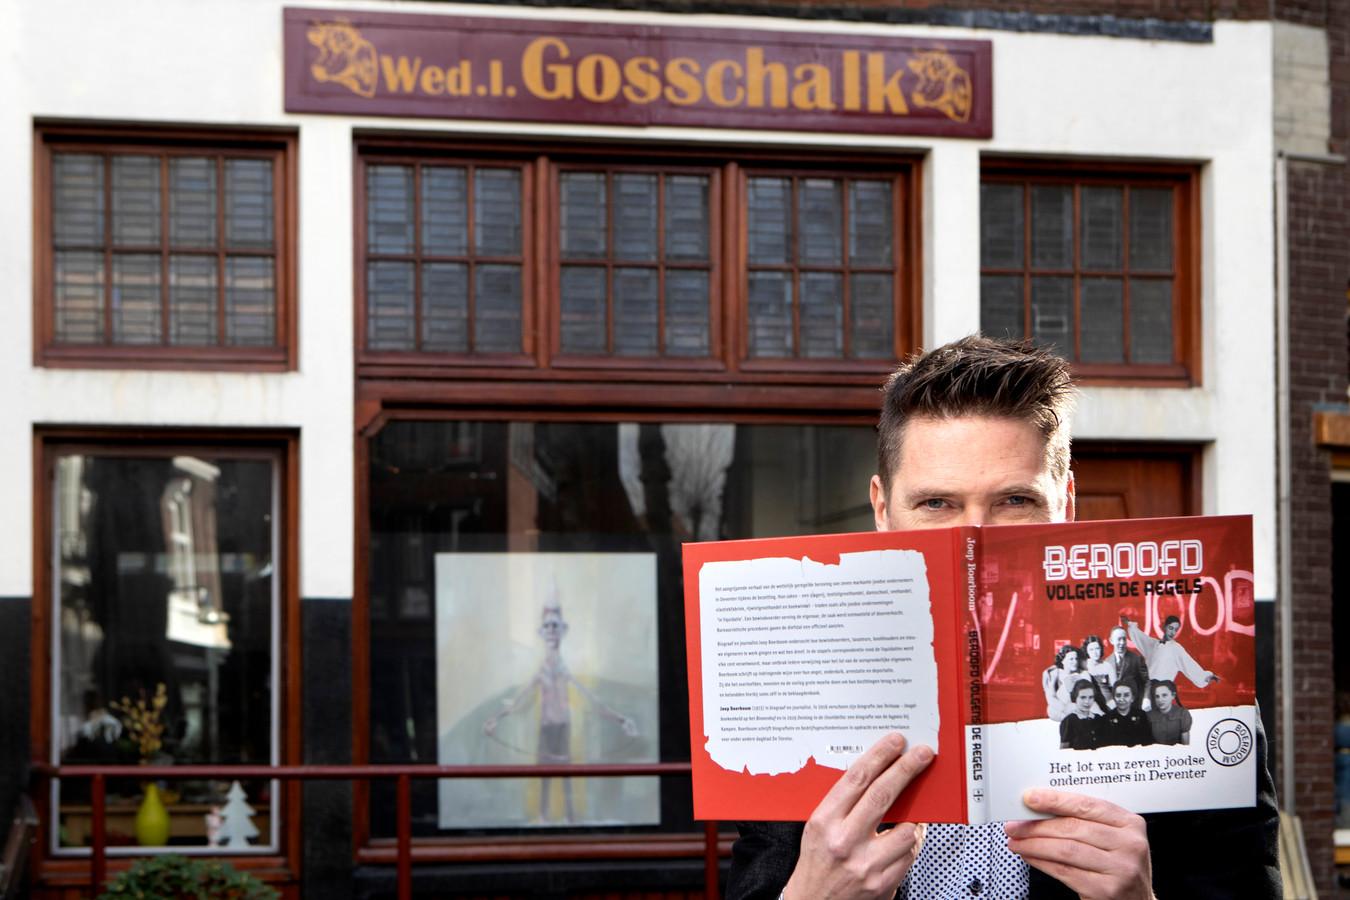 Joep Boerboom vertelt in het boek Beroofd volgens de regels het dramatische verhaal van de joodse slagersfamilie Gosschalk, die een zaak hadden aan de Grote Poot in Deventer.